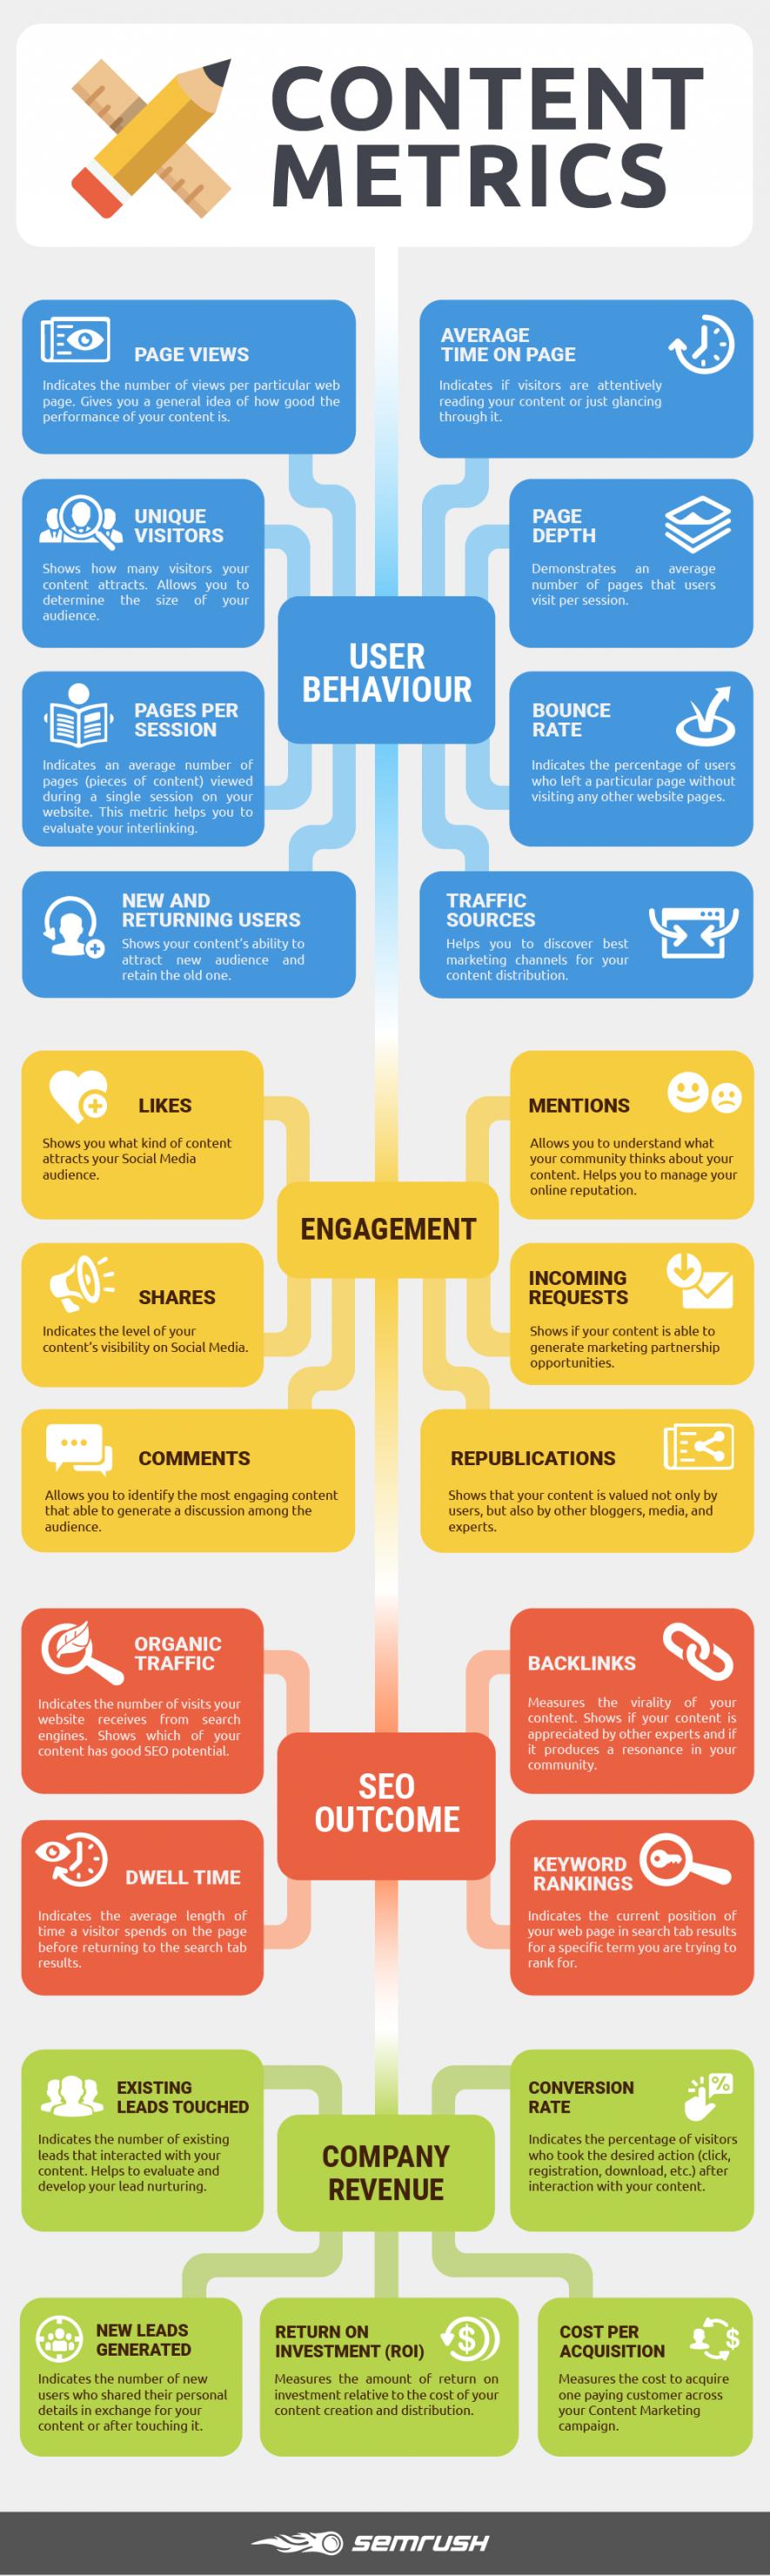 Infographic: Content Marketing Metrics